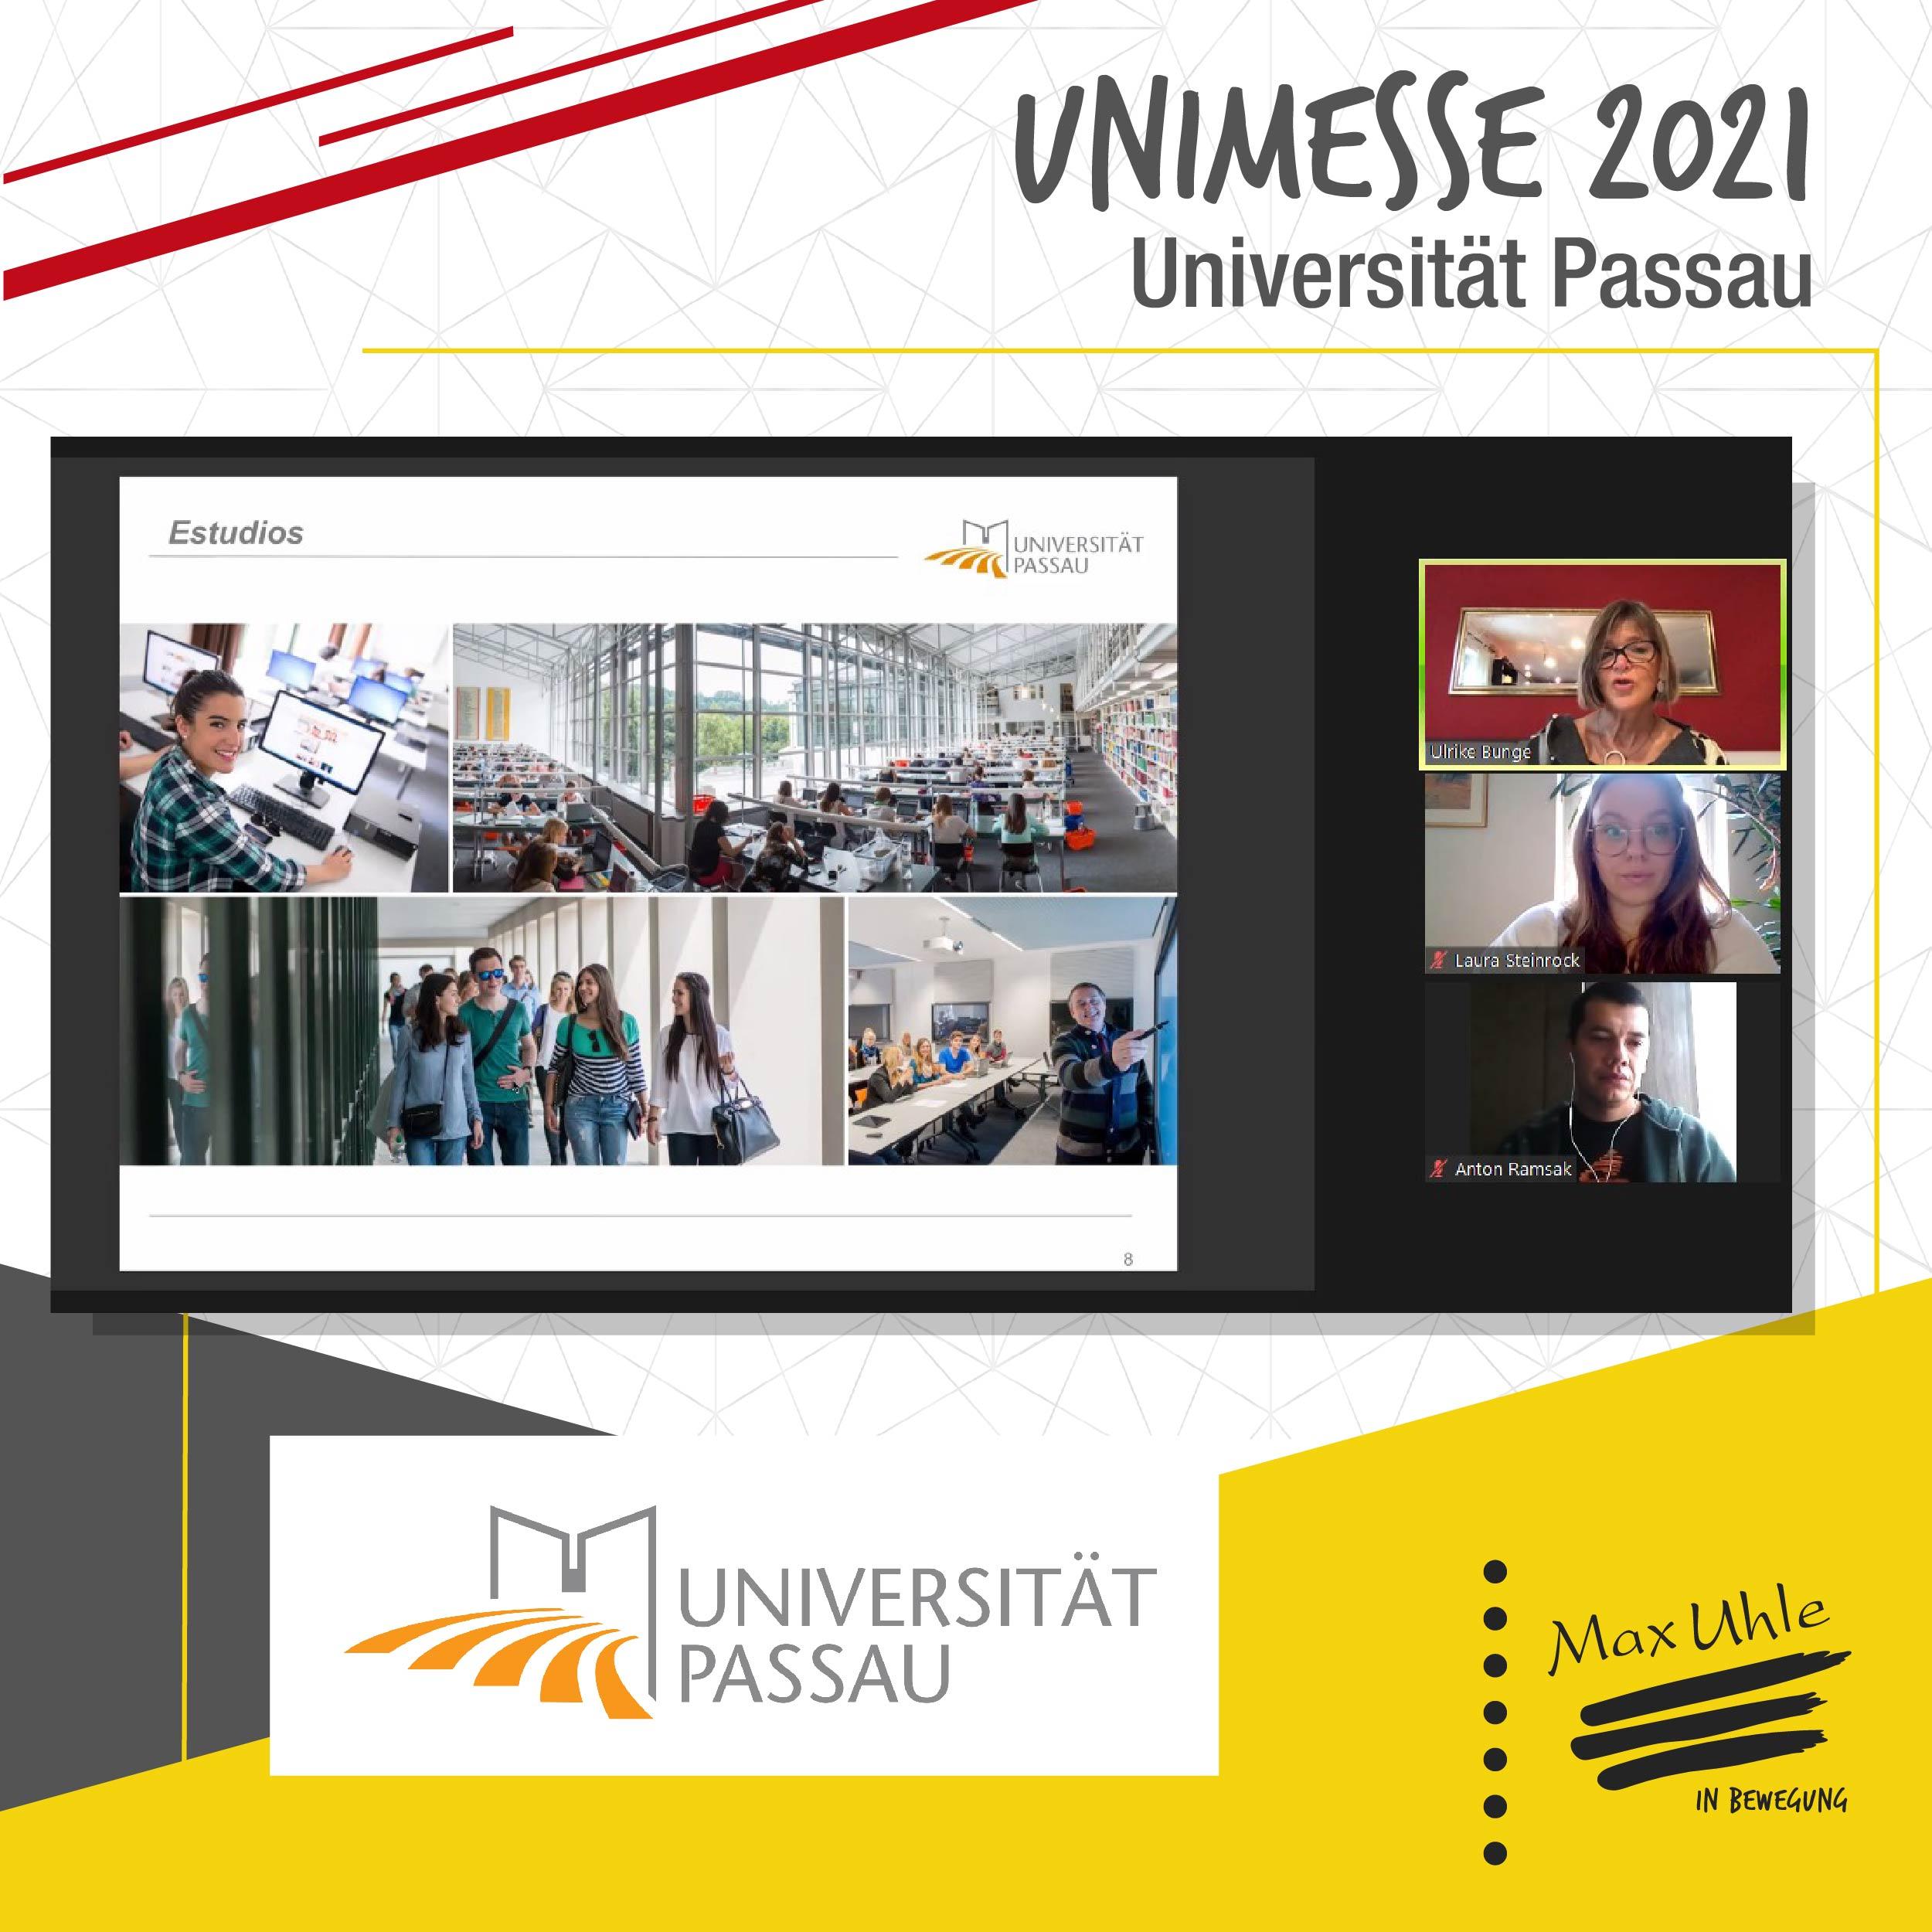 Passau - Unimesse 2021 Colegio Max Uhle